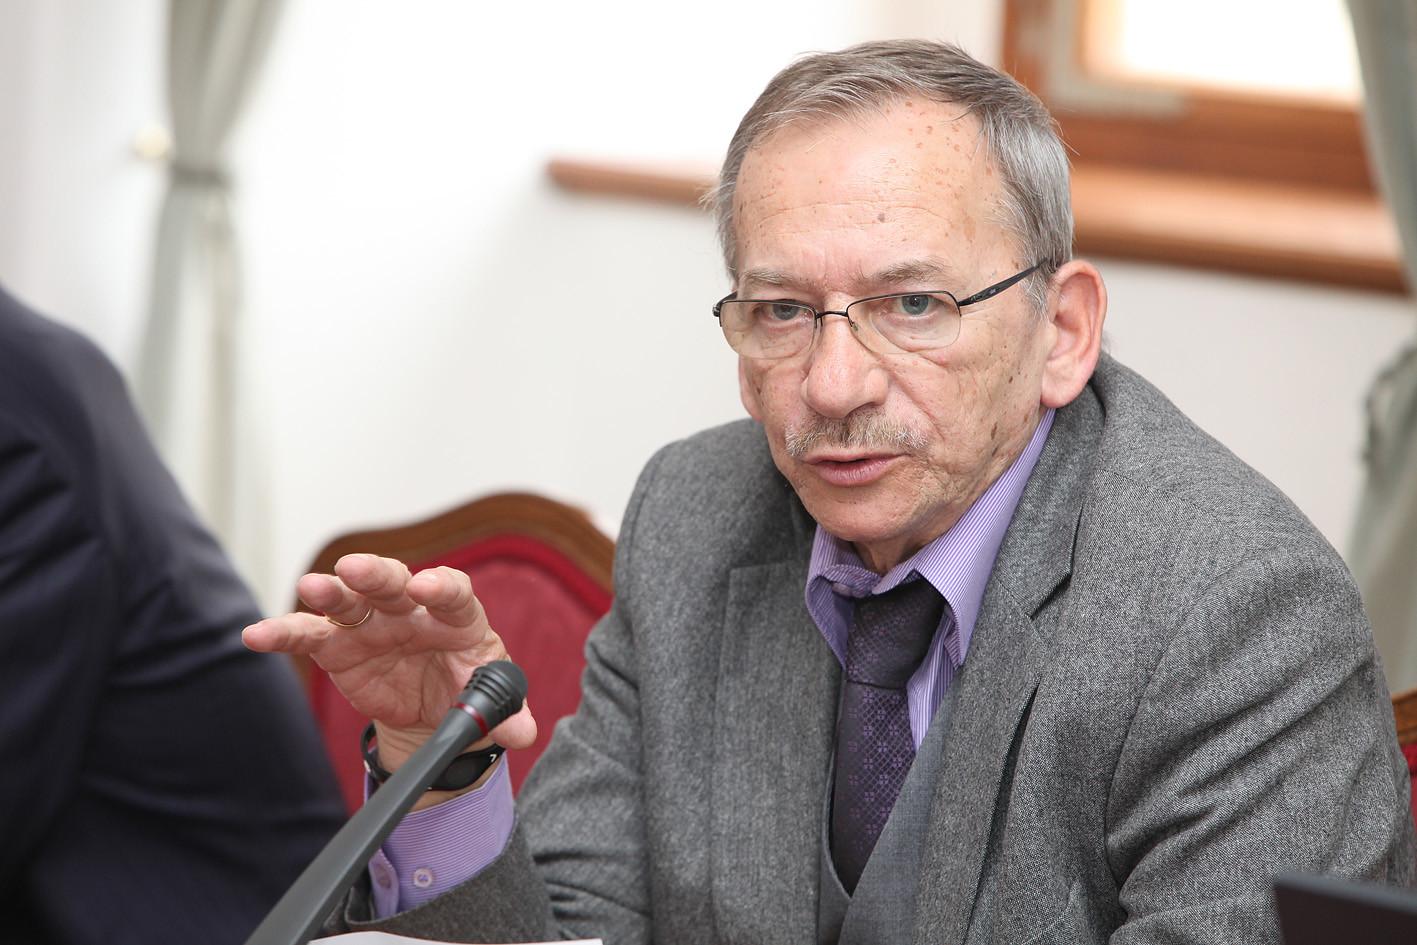 捷克參議院議長柯佳洛(Jaroslav Kubera)(圖/Občanská demokratická strana/CC BY 2.0)